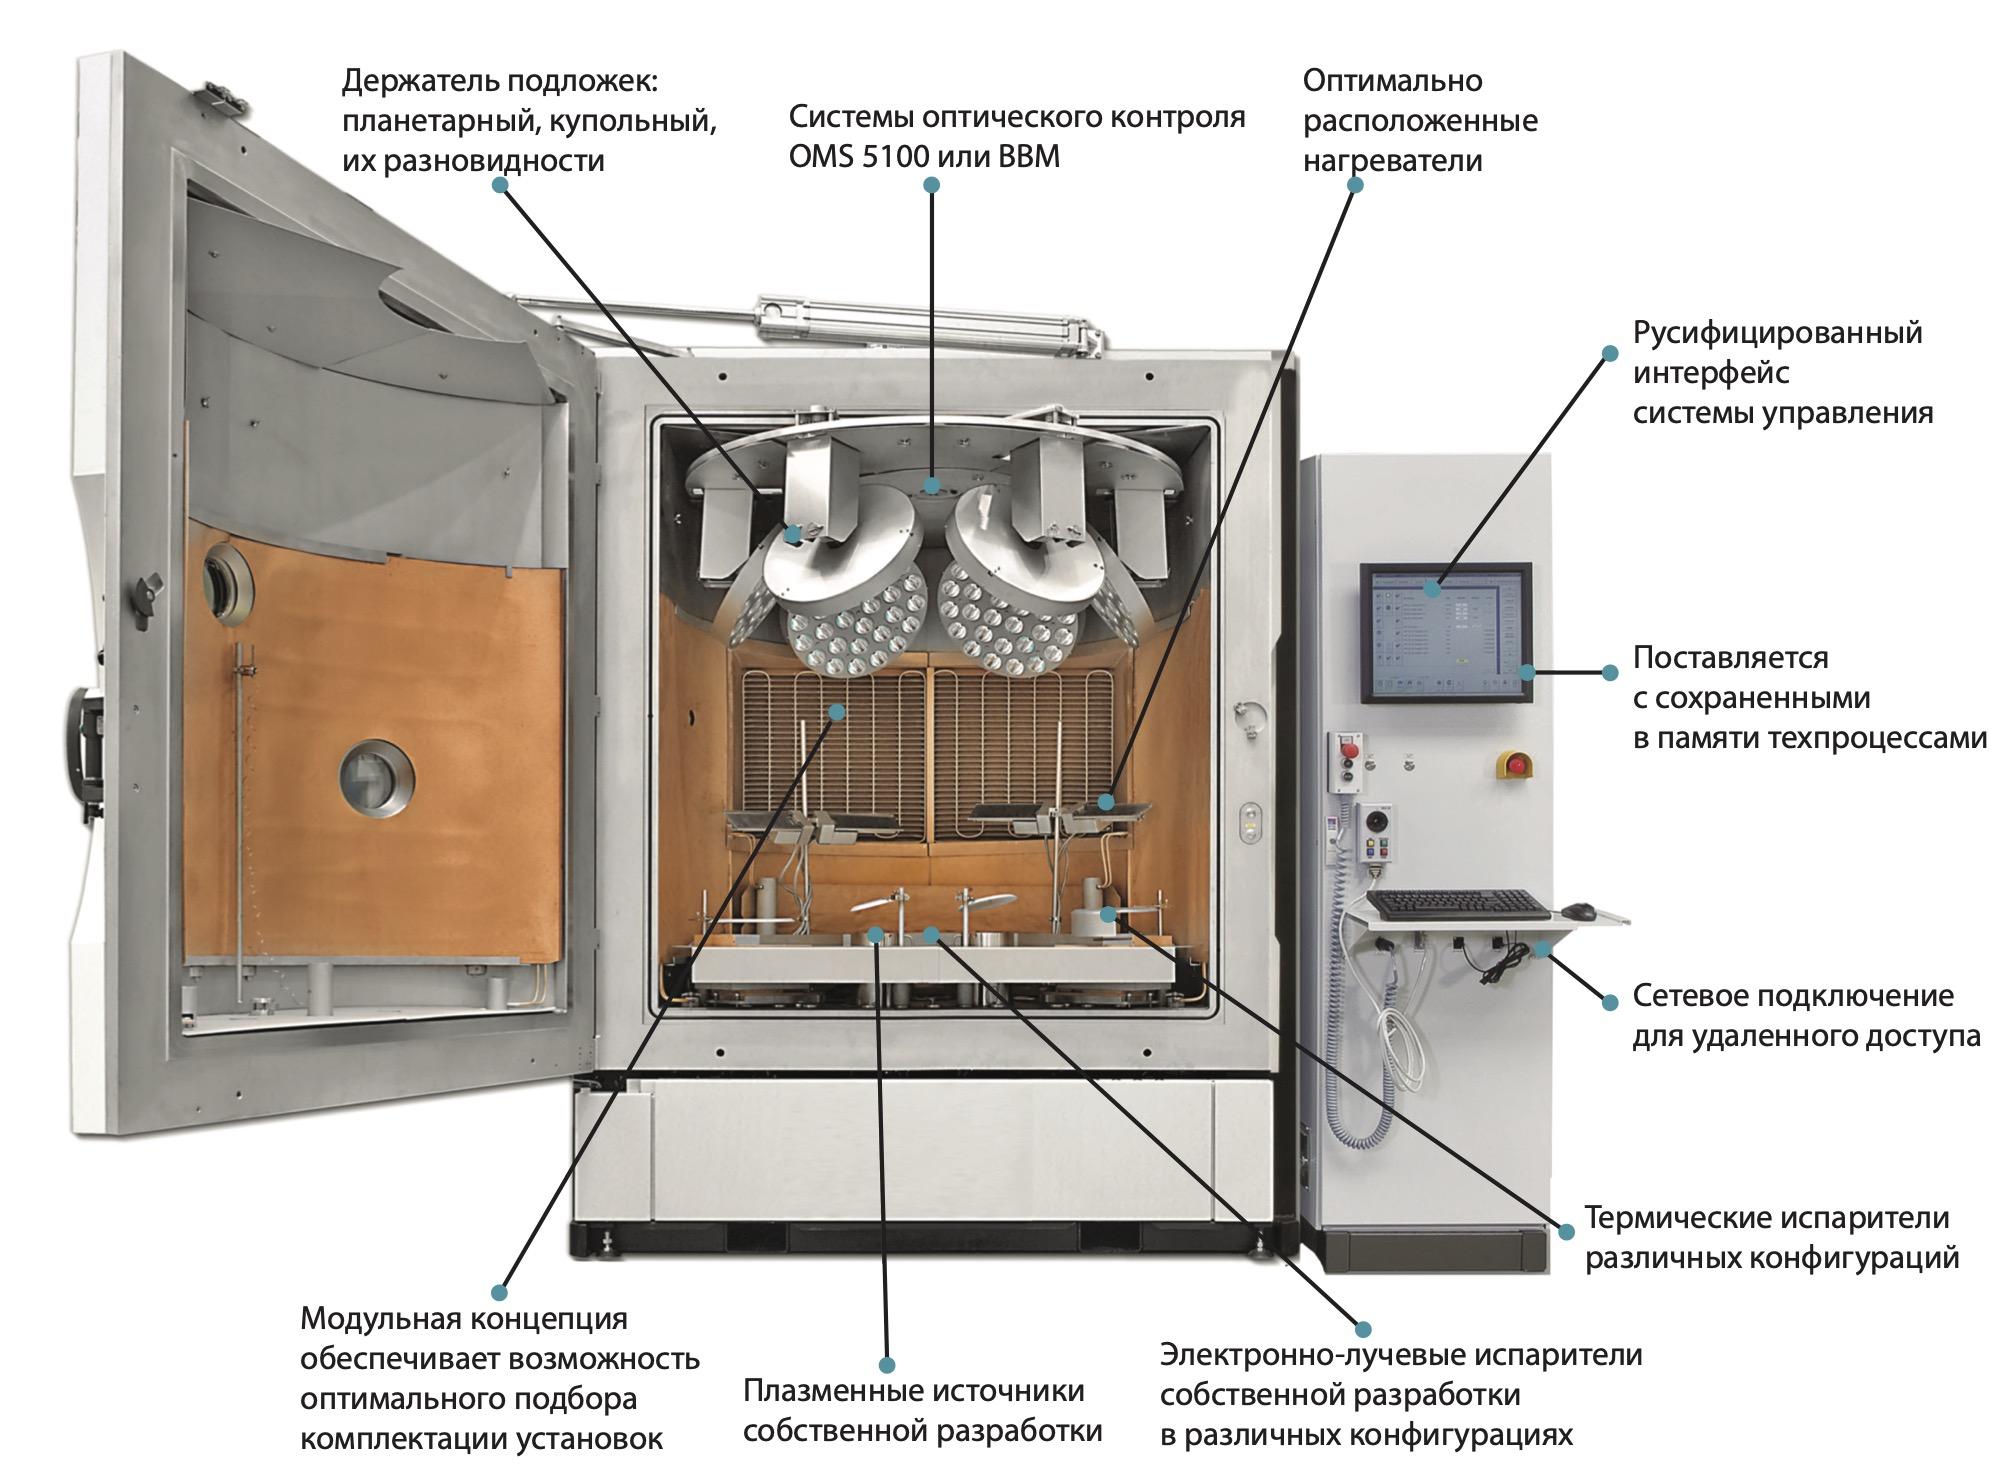 Традиционная компоновка оборудования для нанесения оптических покрытий в вакууме